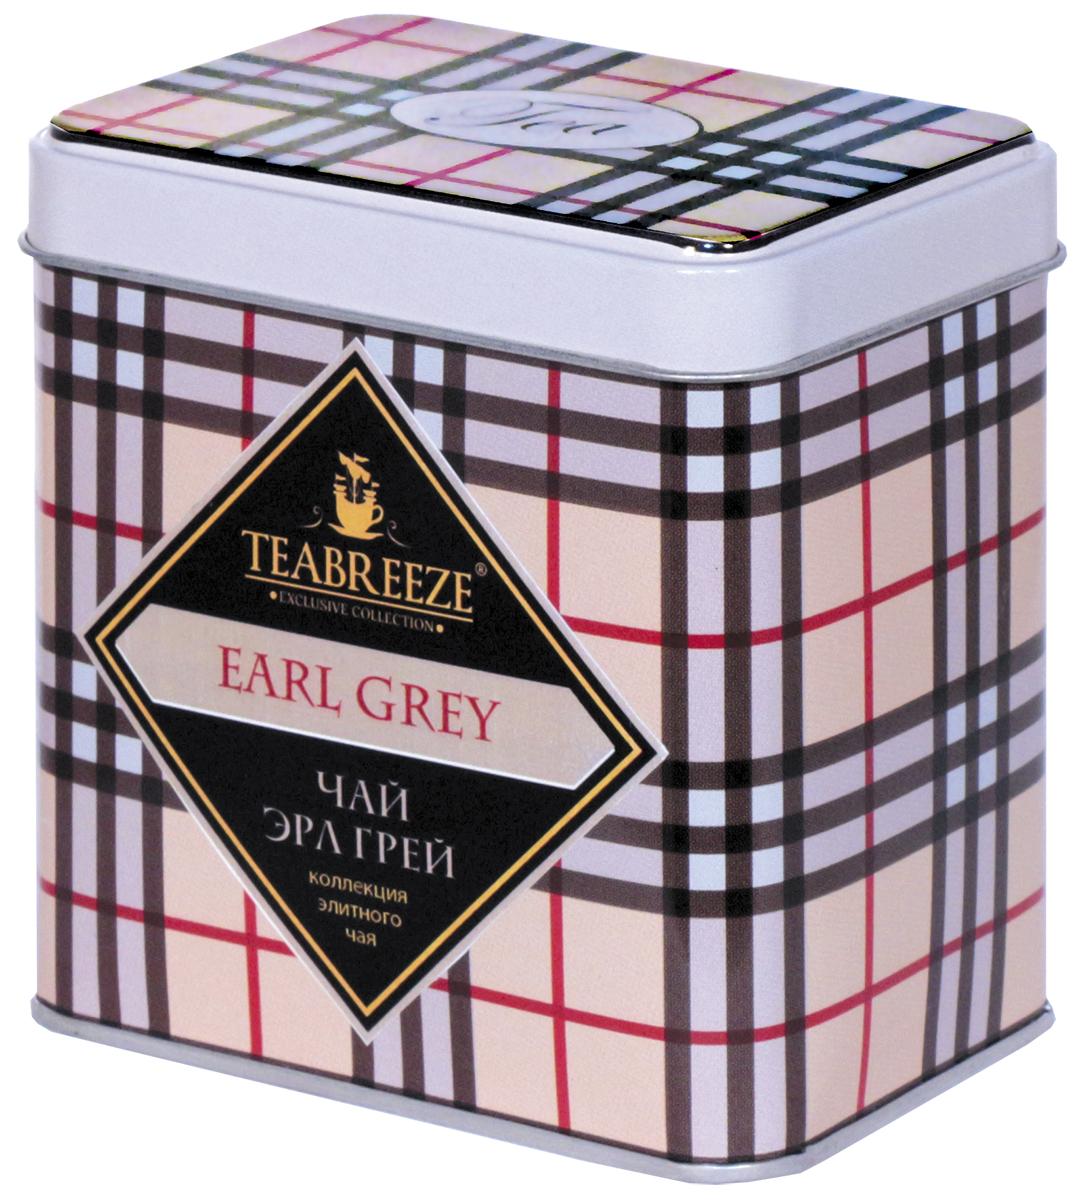 Teabreeze Эрл Грей чай черный ароматизированный (прямоугольная), 100 гТВ 3006-100Чай в подарочной жестяной банке. Английская традиция ароматизировать чай бергамотом насчитывает, без малого, вот уже 300 лет. Именно тогда появился Earl Grey - чайный напиток с запахом цитрусовых, который давно уже стал классикой не только в дневном чаепитии Великобритании, но и полюбился людям во многих странах. Его вкус напоминает чай с лимоном, однако он значительно мягче, в нем совсем не ощущается кислоты. Наоборот, напиток из пропитанного маслом бергамота чайного листа оставляет на языке пряный и мягкий след. Earl Grey изготовлен из чайного листа высшего сорта с добавлением натурального масла бергамота и замечательно подходит для любого чаепития.